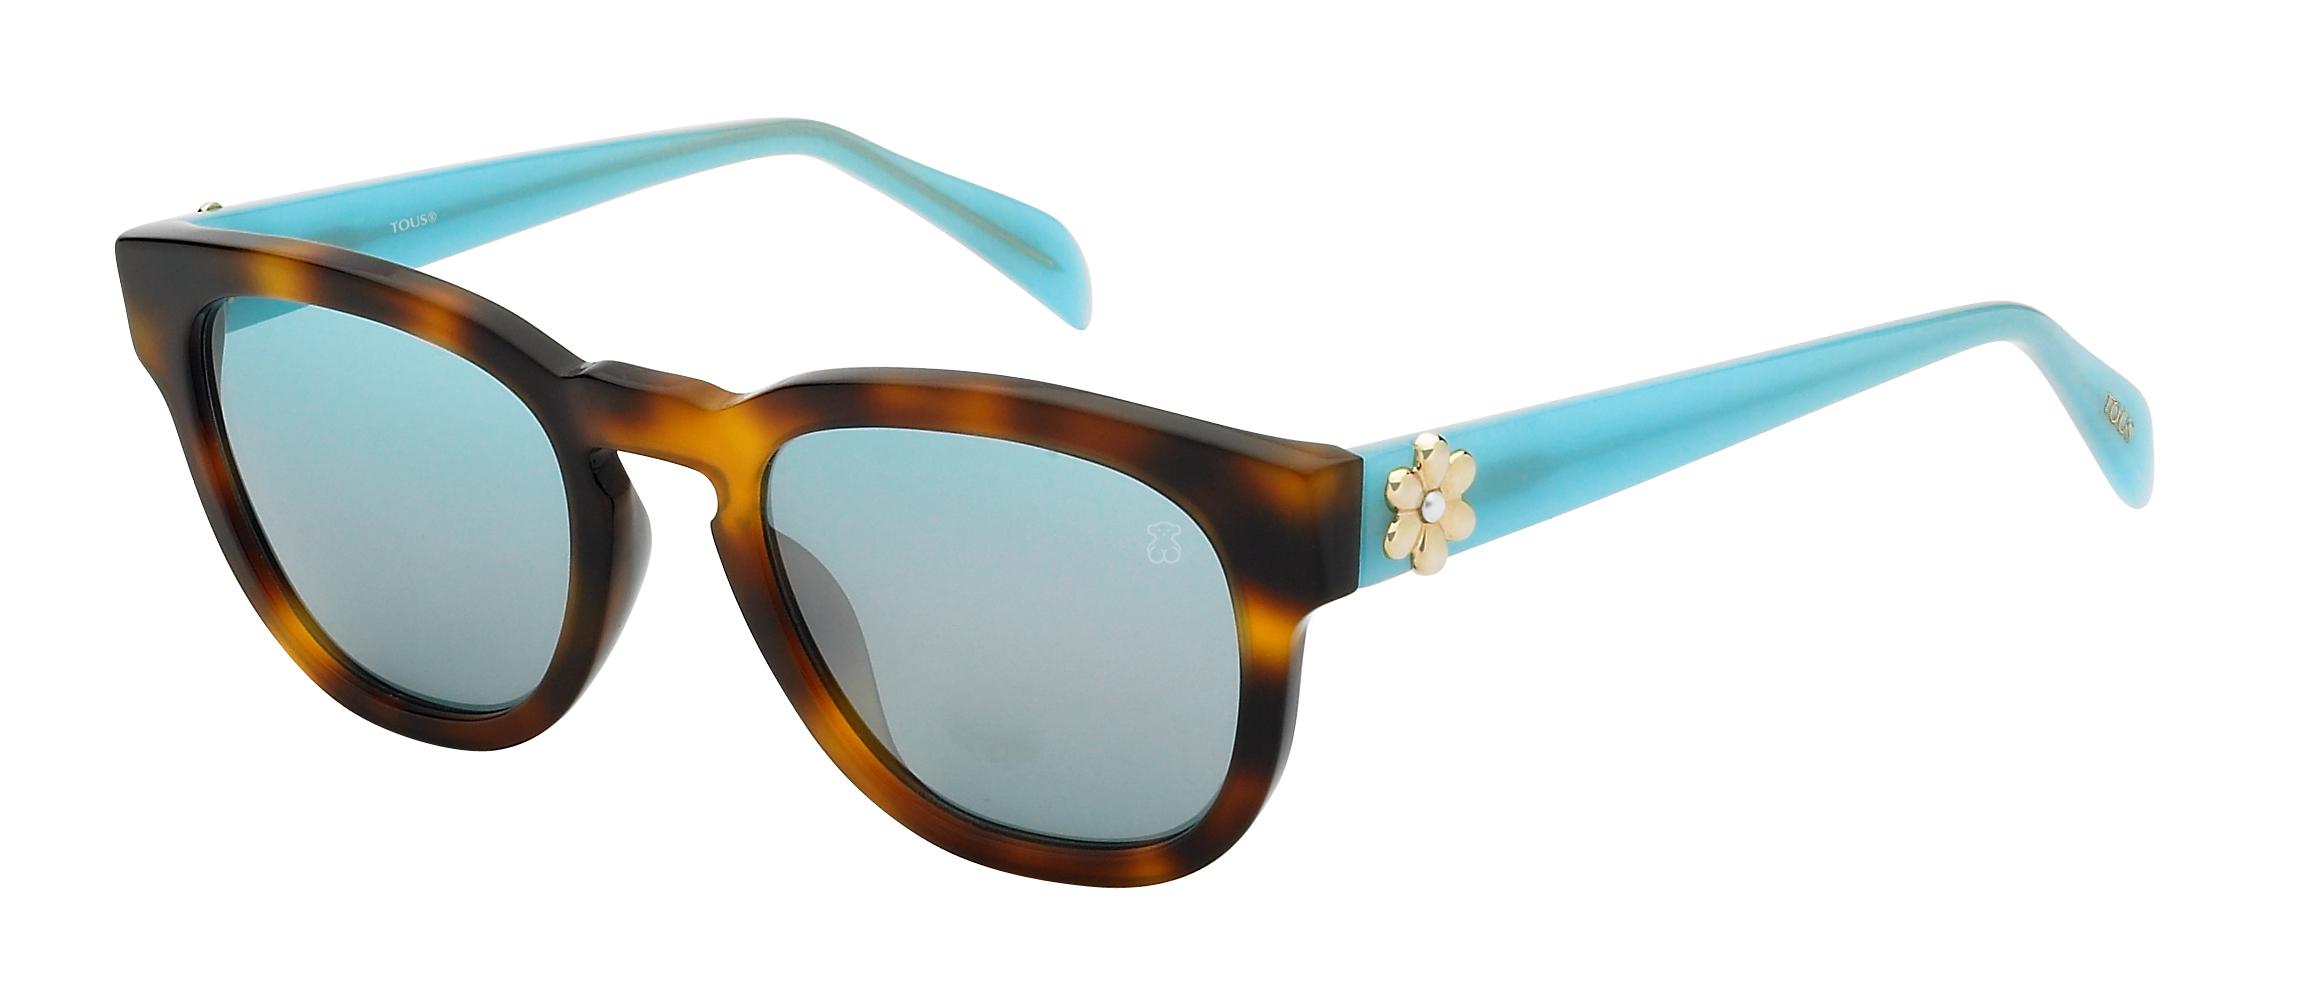 Tous Happy, las nuevas gafas de sol de Tous Image